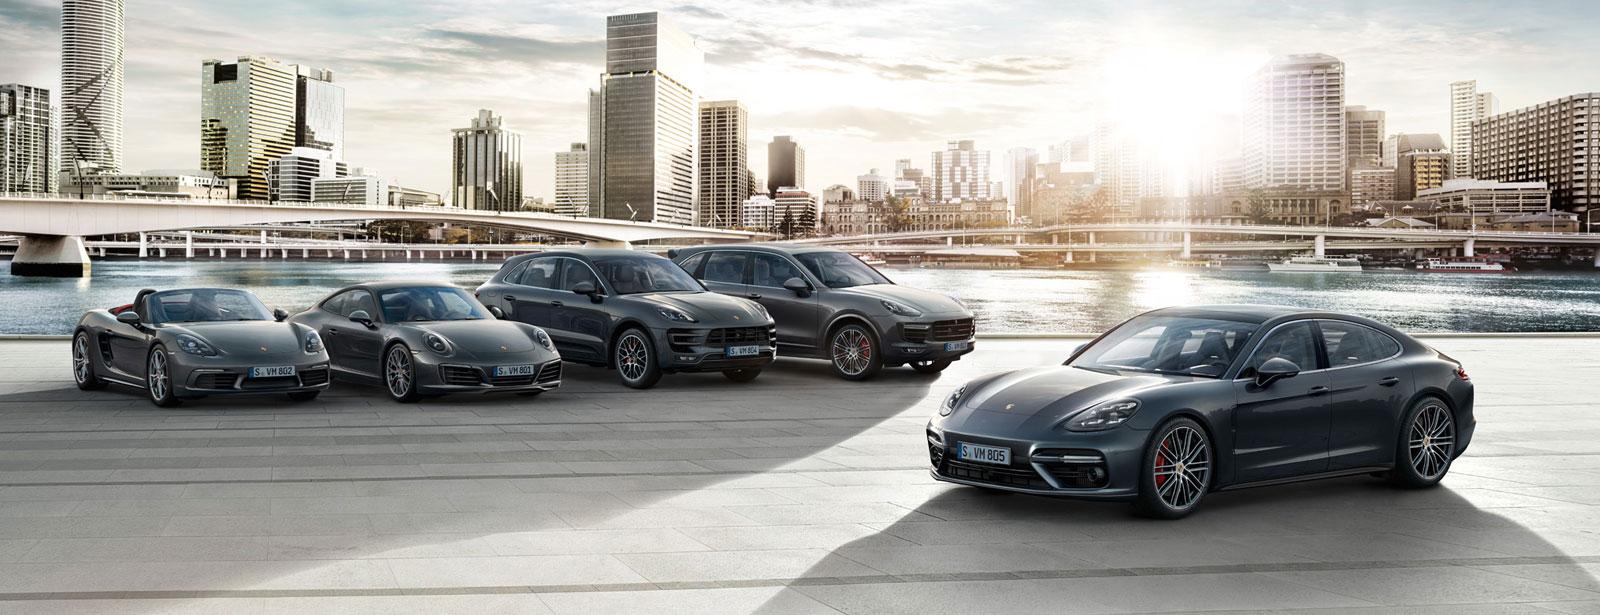 باشگاه خبرنگاران -لیست قیمت Porsche های موجود در تهران